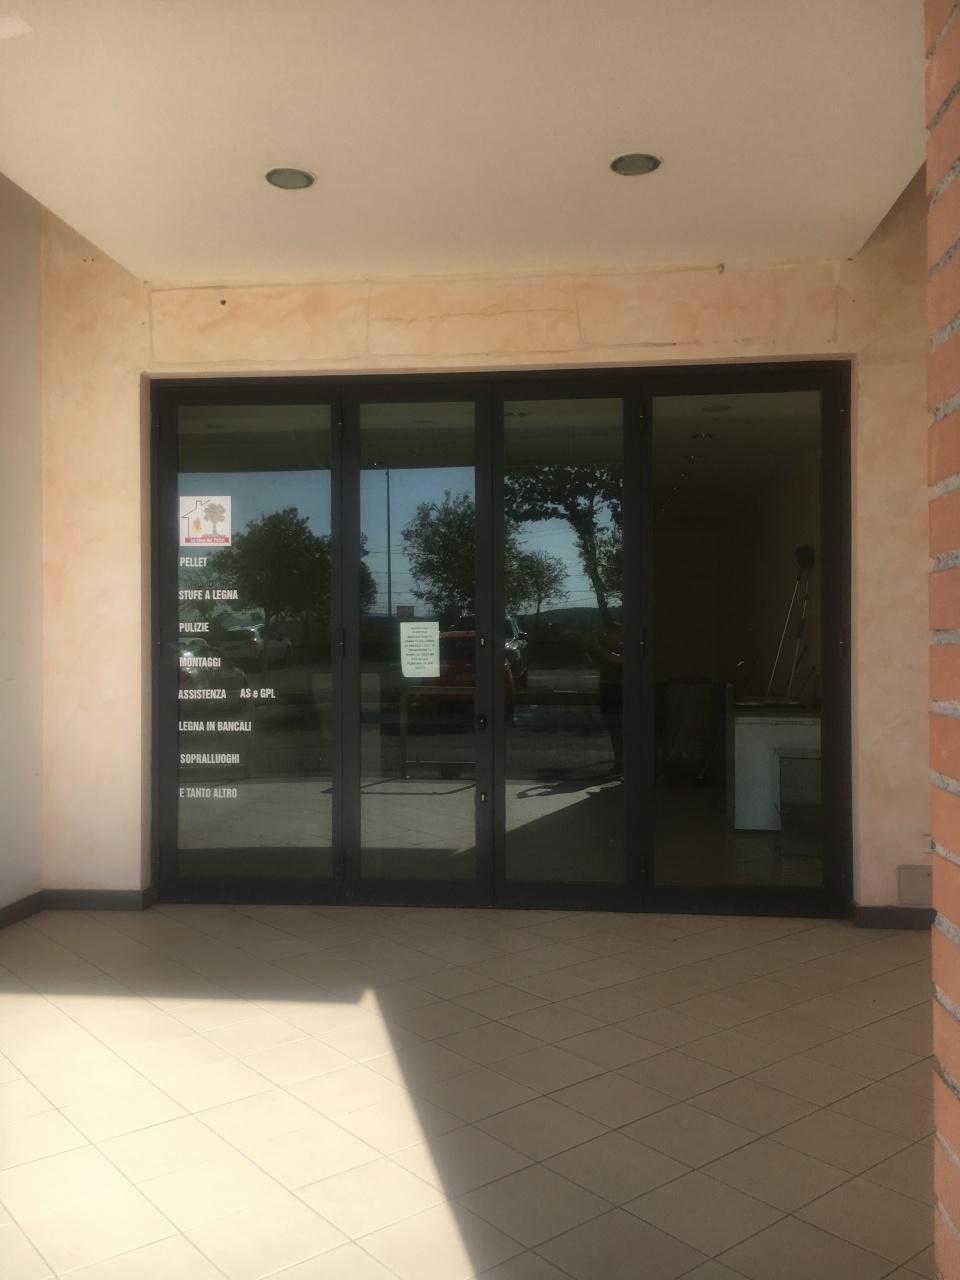 Locale commerciale - 2 Vetrine a Rignano Flaminio Rif. 11100775